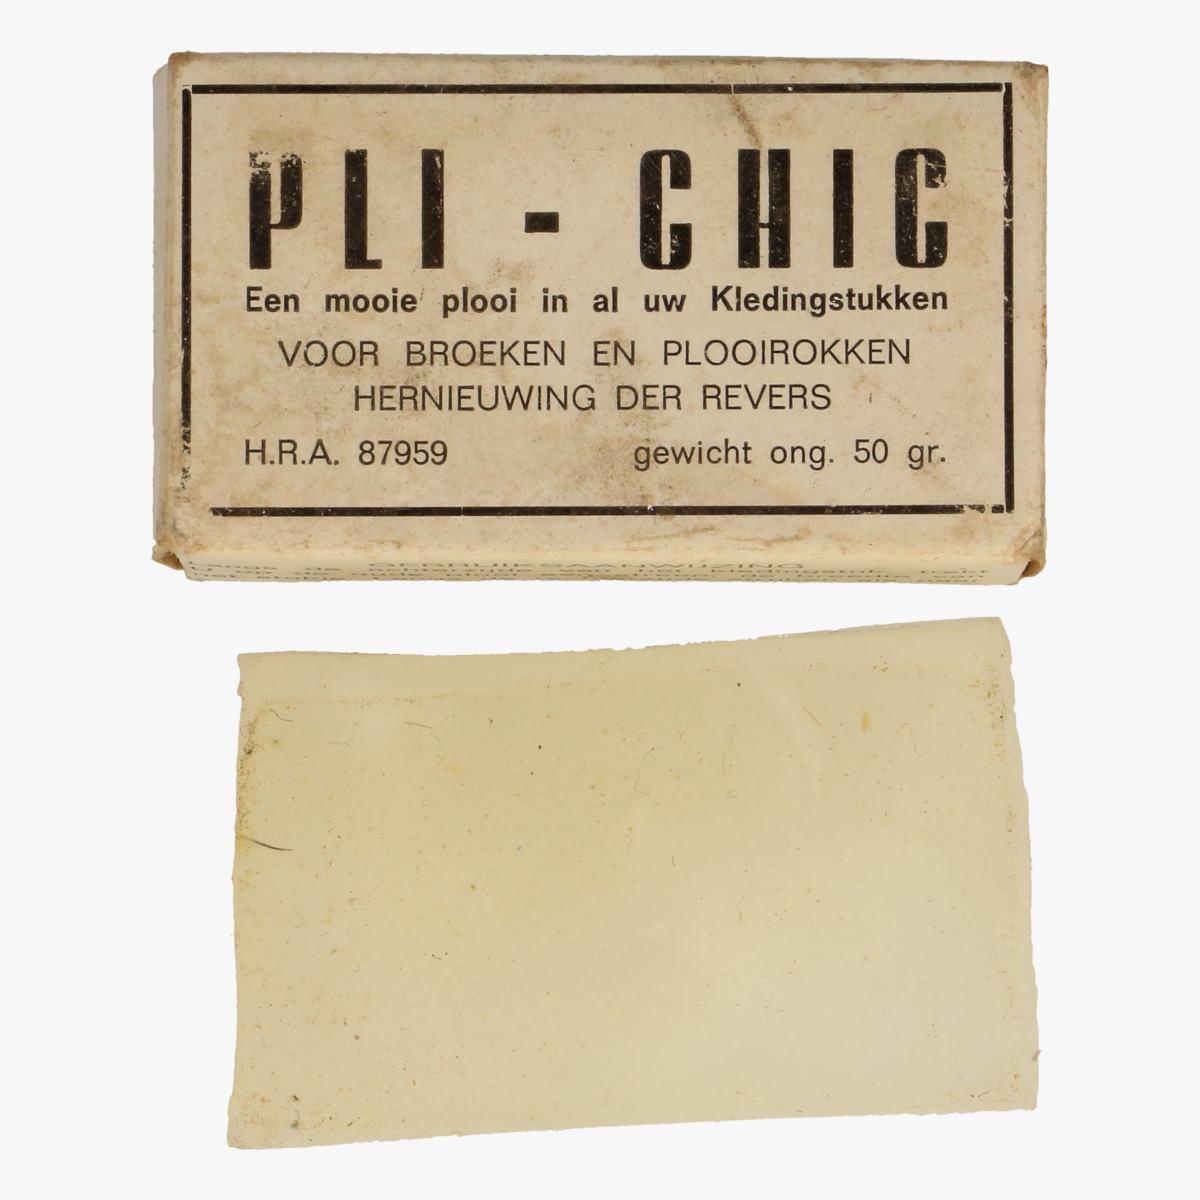 Afbeeldingen van doosje pli-chic een mooie plooi in al uw kledingstukken